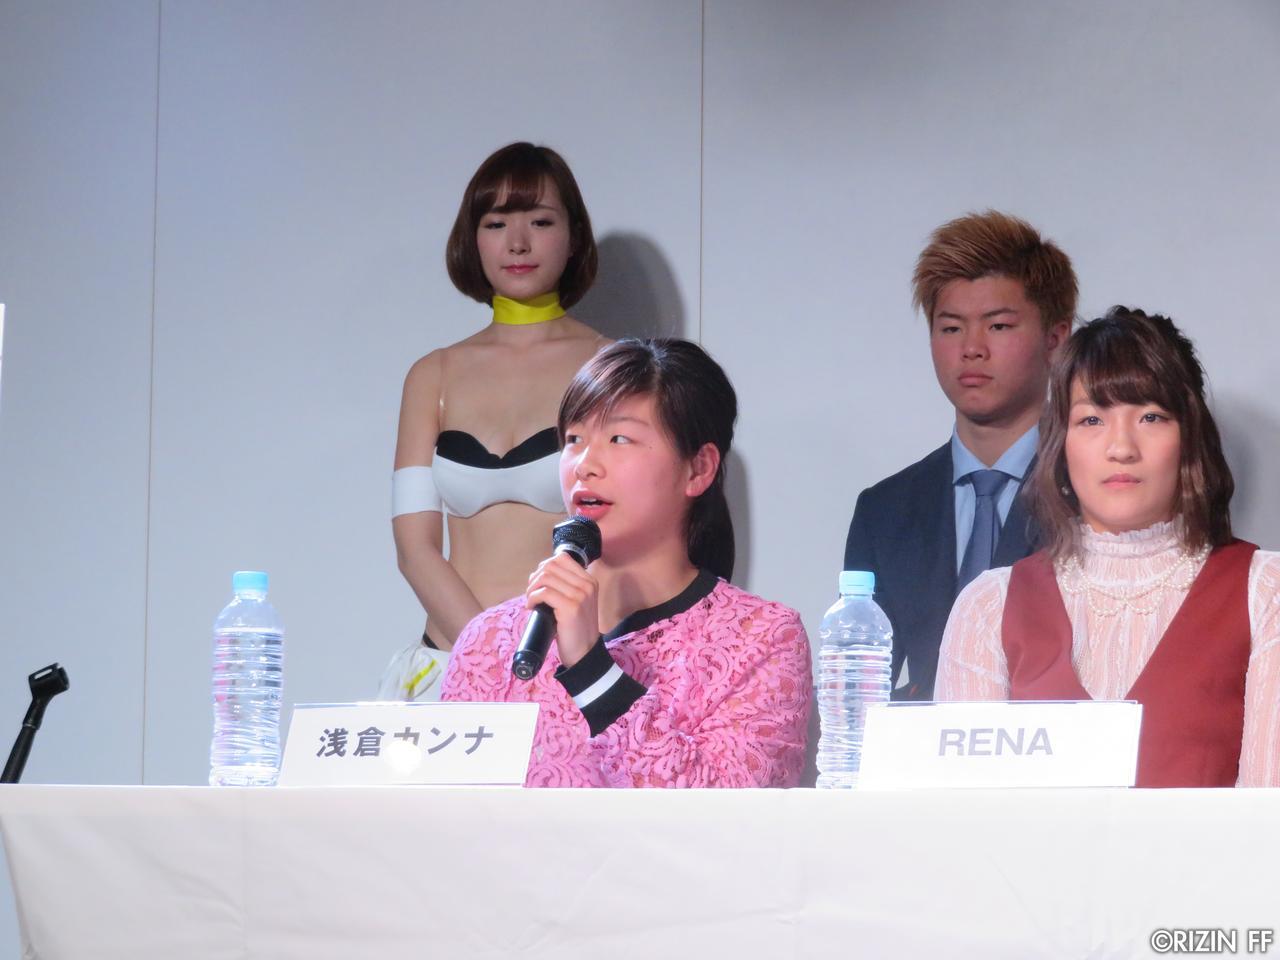 画像11: 女子の試合はRIZIN史上最大の4試合!! 4.16『RIZIN 2017 in YOKOHAMA -SAKURA- 』追加カード決定!